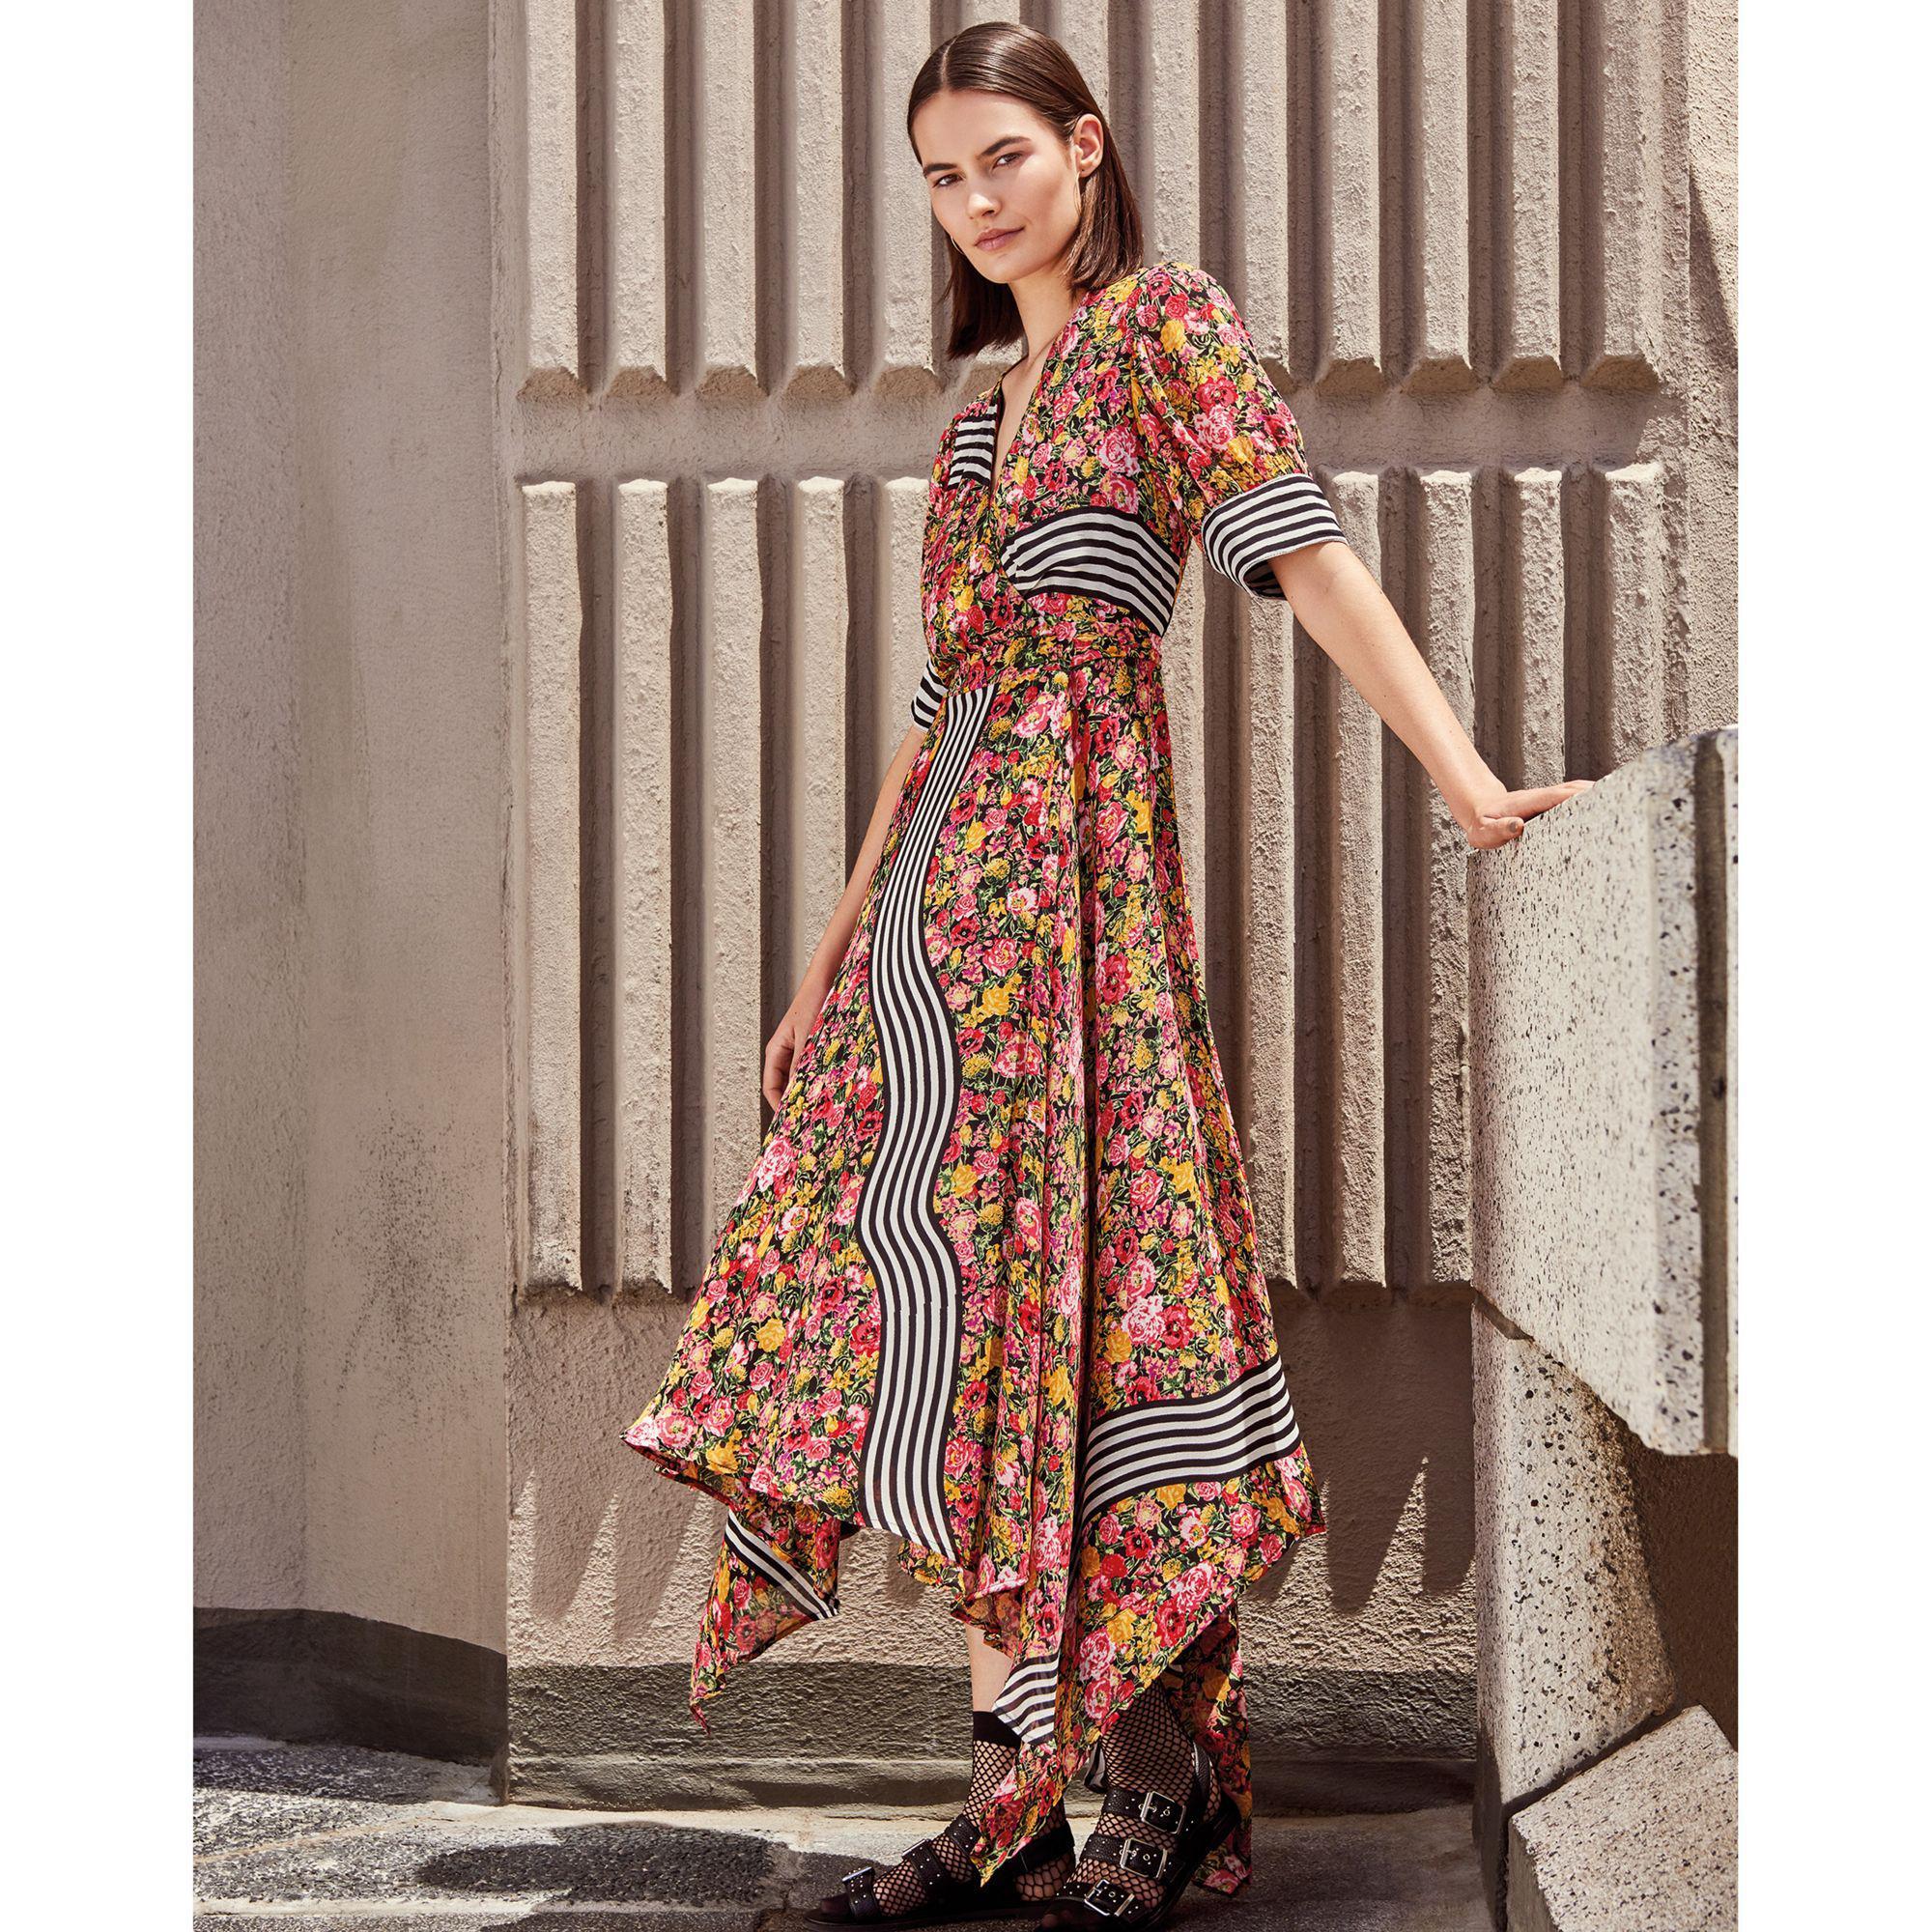 a5328e501908 Preen By Thornton Bregazzi Multi-coloured Floral Striped Short ...